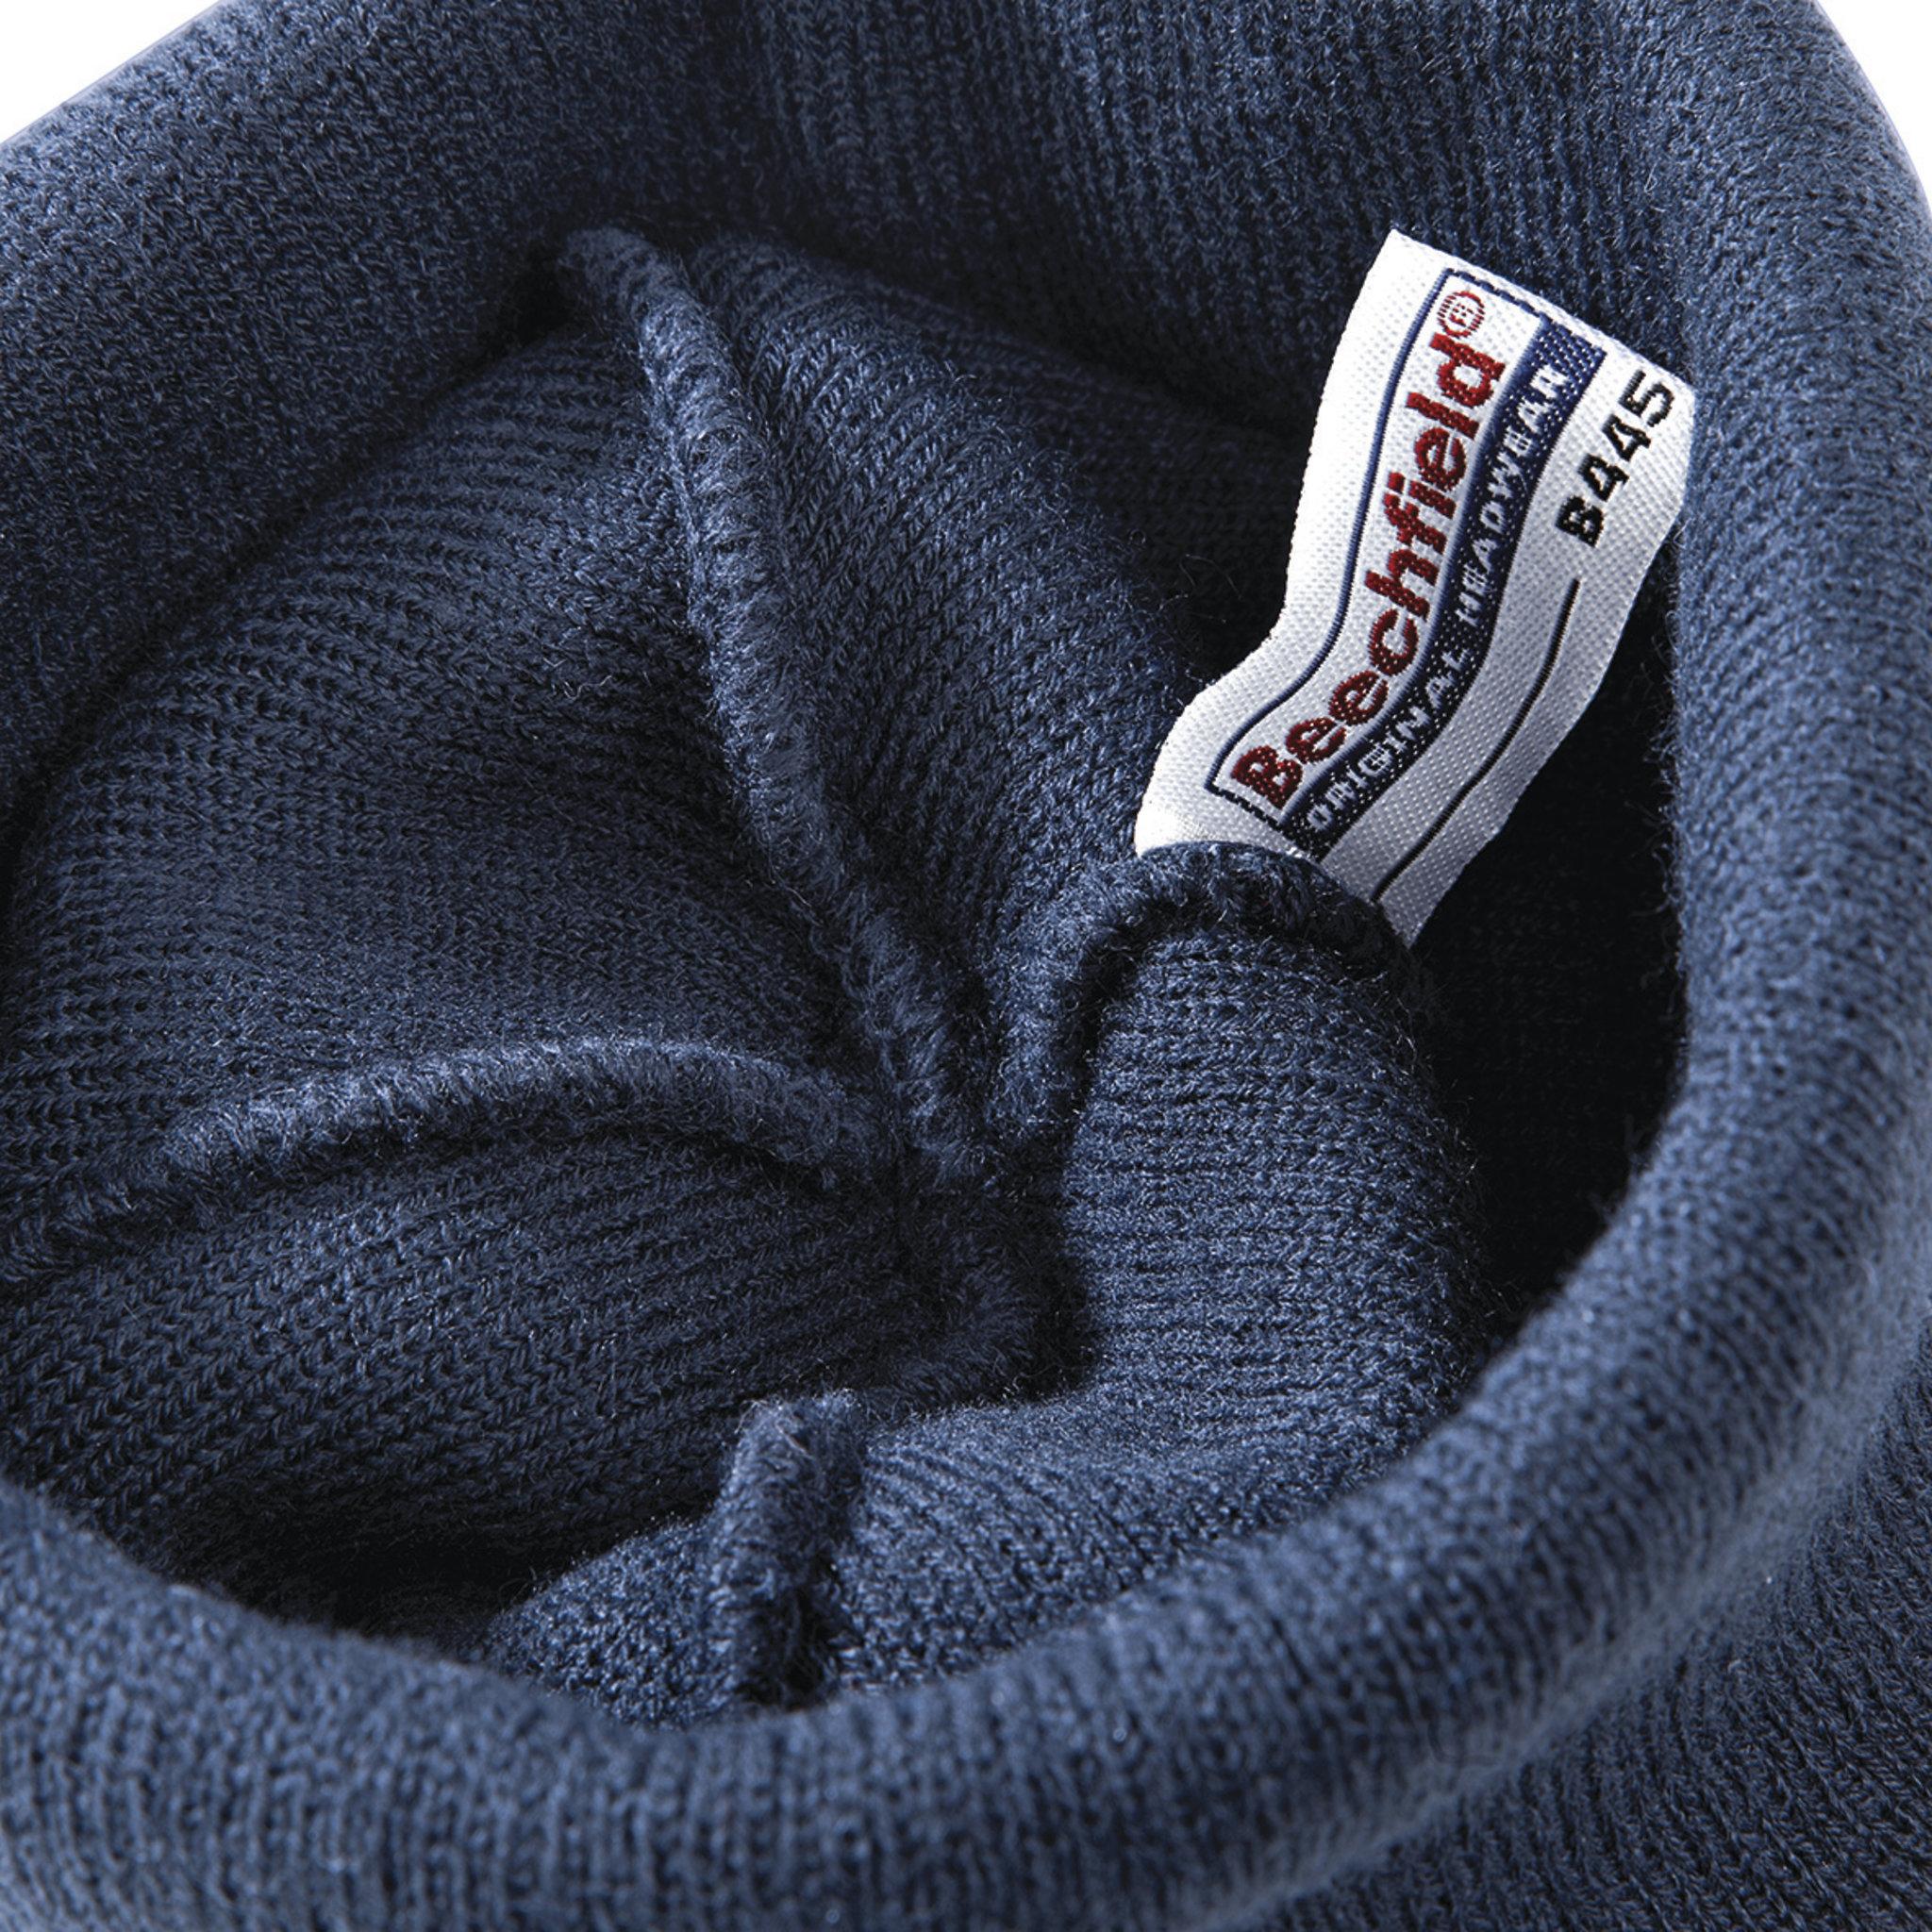 Bonnet promotionnel Beanie - bonnet personnalisable gris